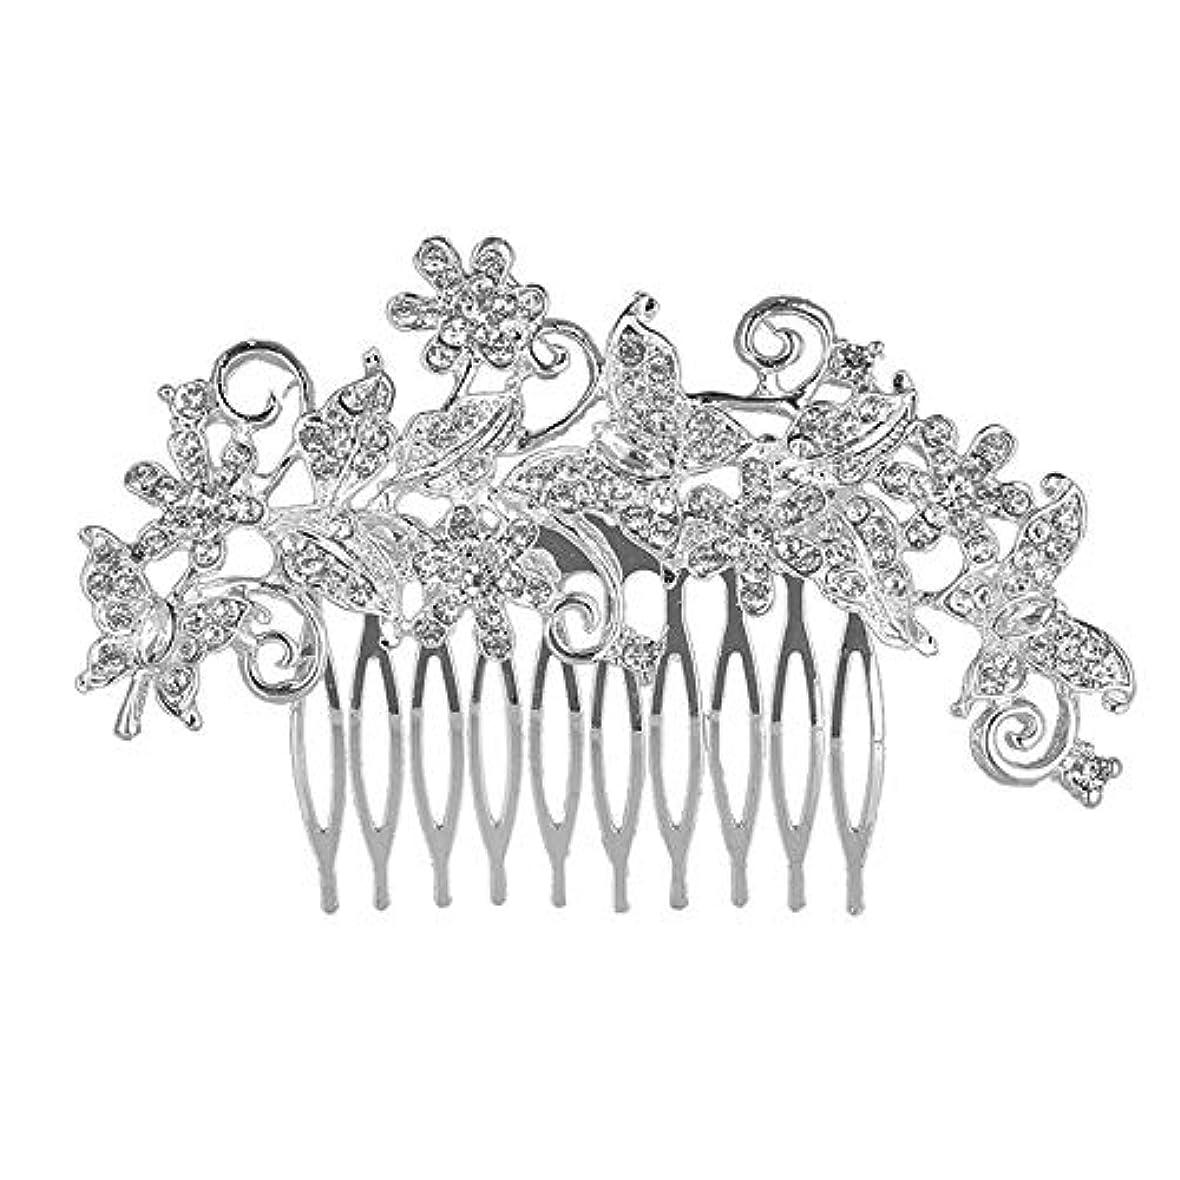 慈悲深い舞い上がる閲覧する韓国のヘアアクセサリー_韓国の花嫁のヘアアクセサリー日の花のヘッドドレスファッションヘアコーム花嫁合金結婚式結婚式卸売